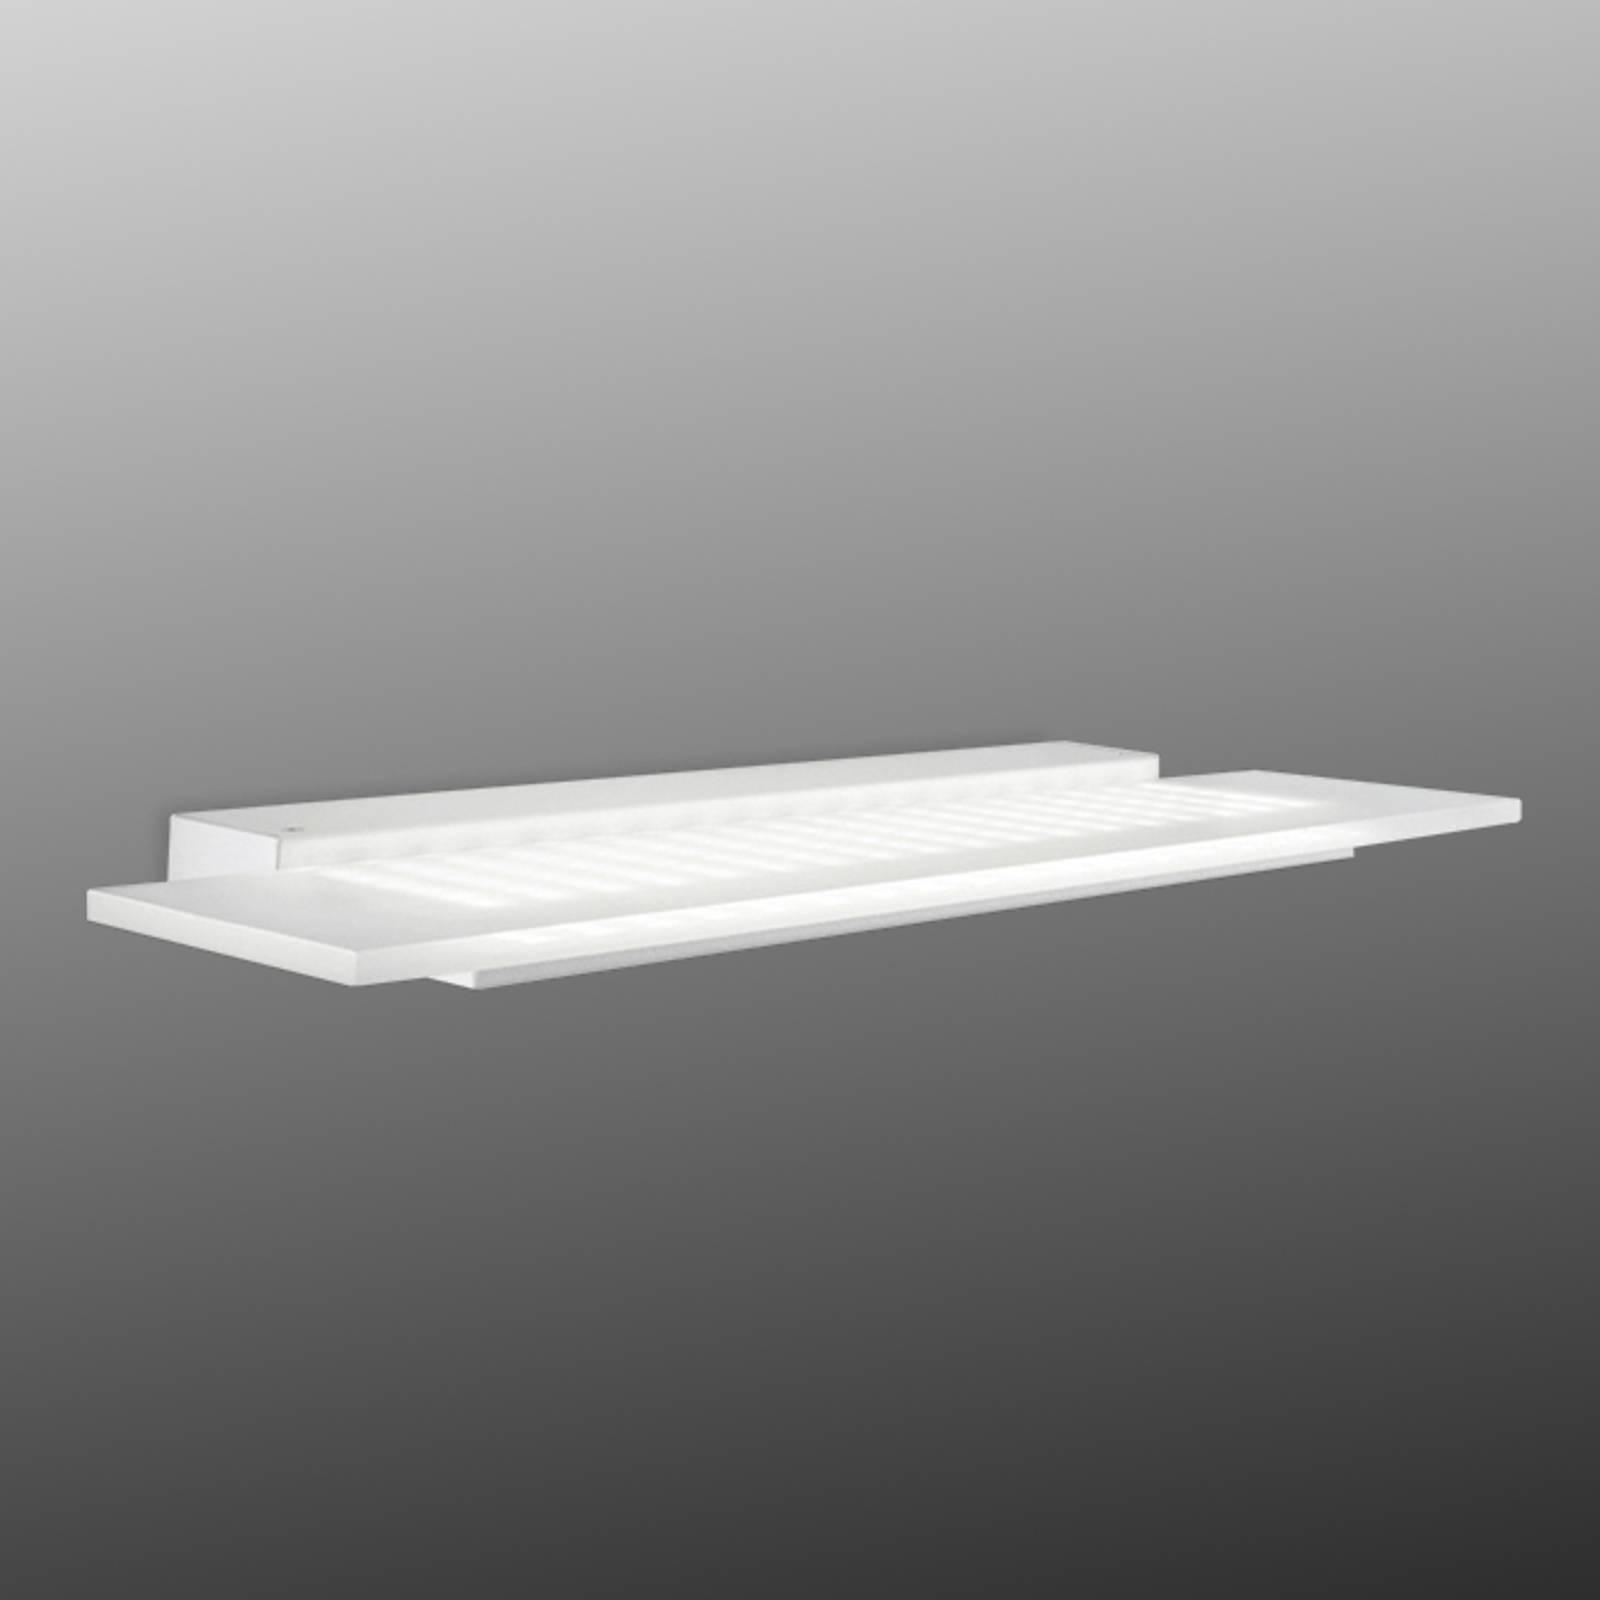 Dublight - LED-seinävalaisin, 48 cm